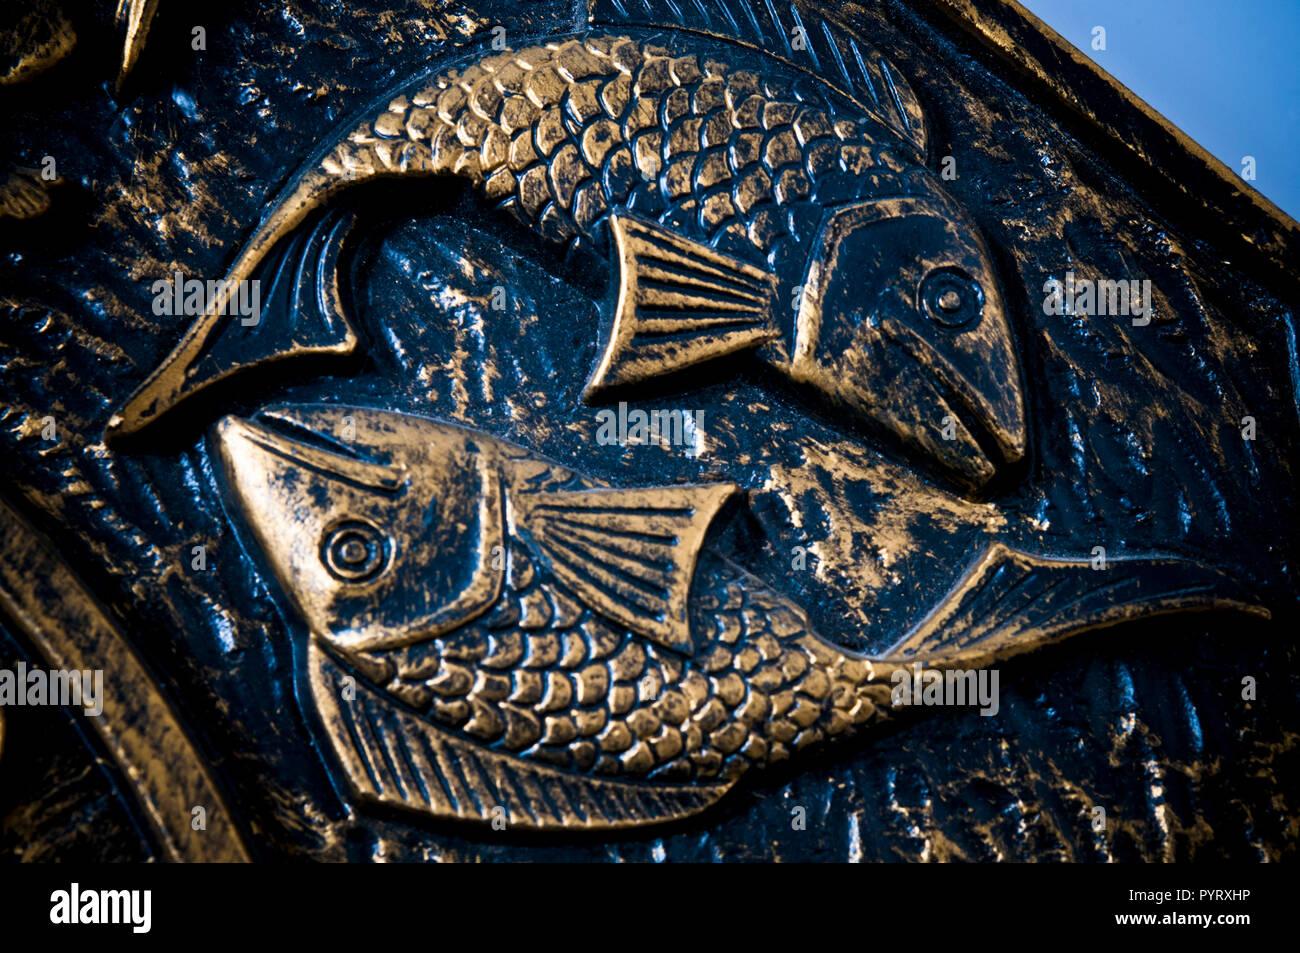 Détail de représentation artistique du signe astrologique des poissons à partir d'une plaque d'antiquités Photo Stock